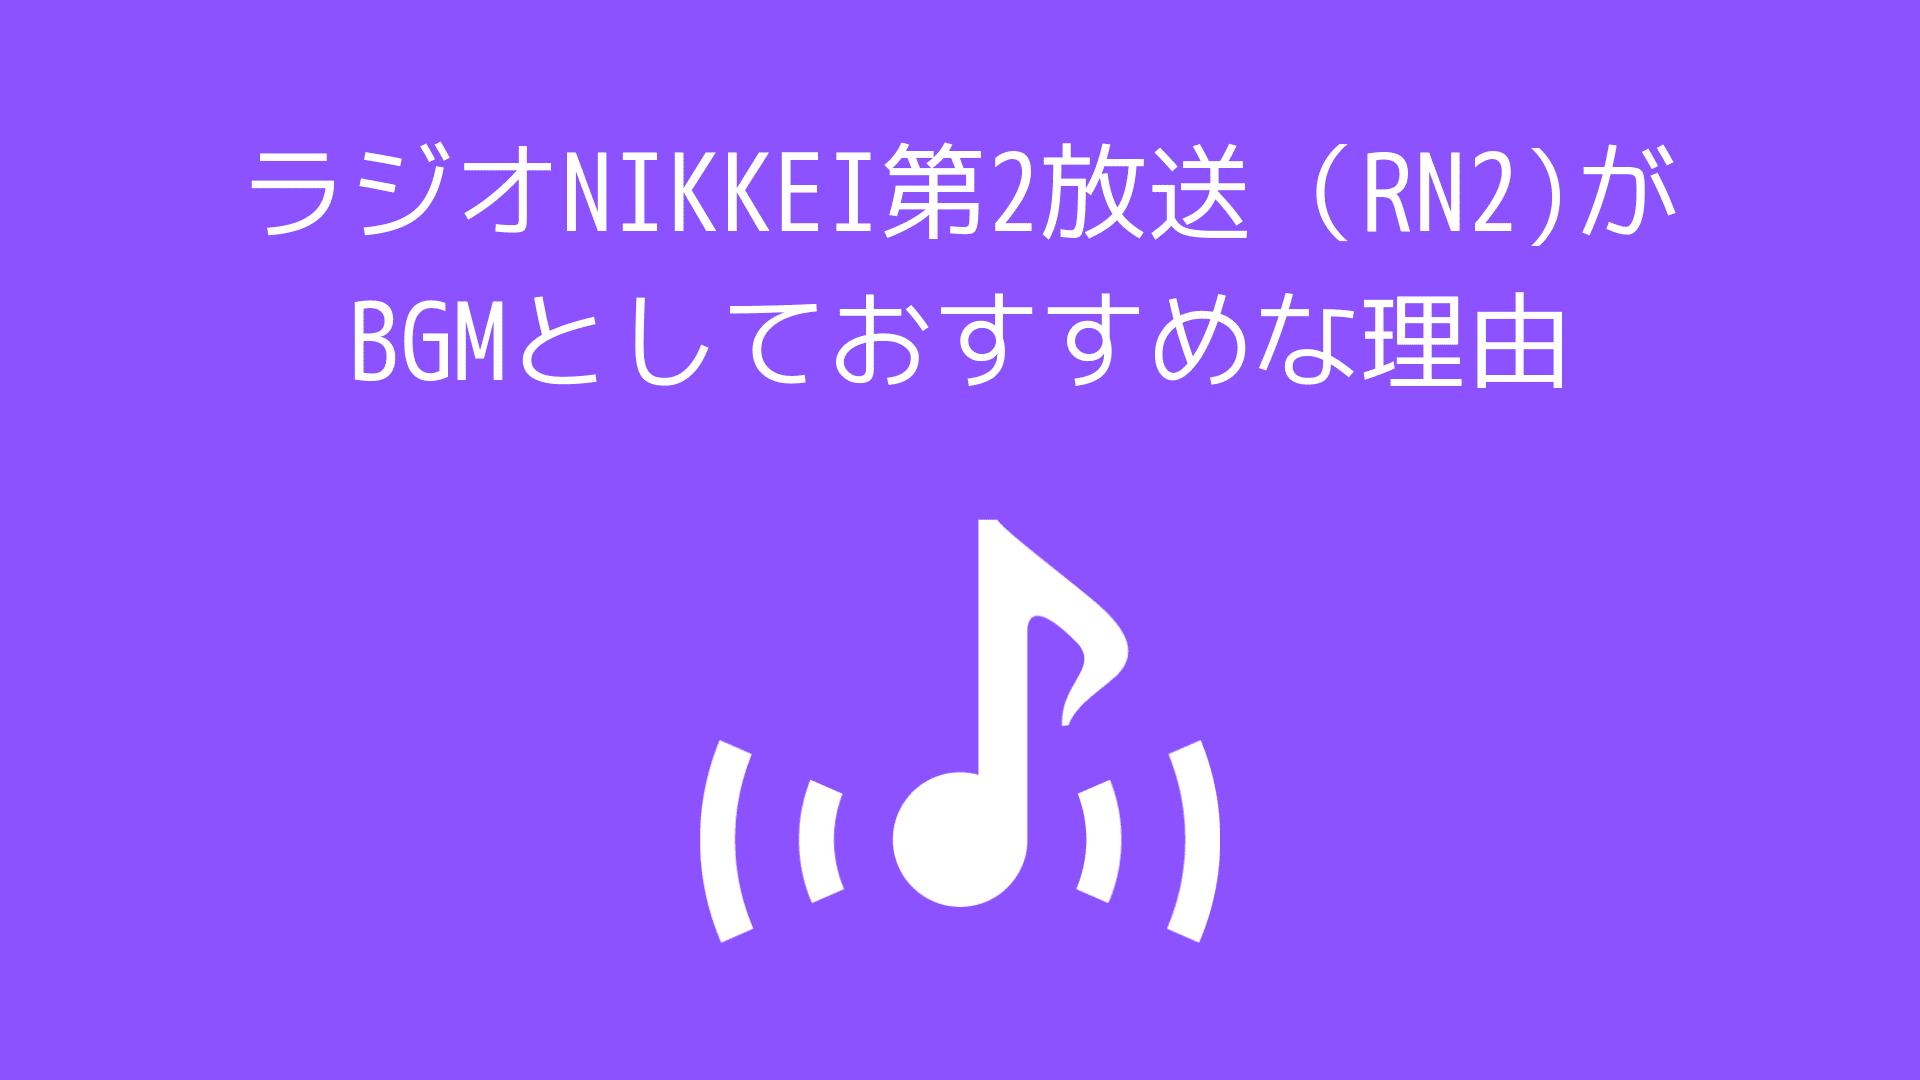 ラジオNIKKEI第2放送(RN2)がBGMとしておすすめな理由